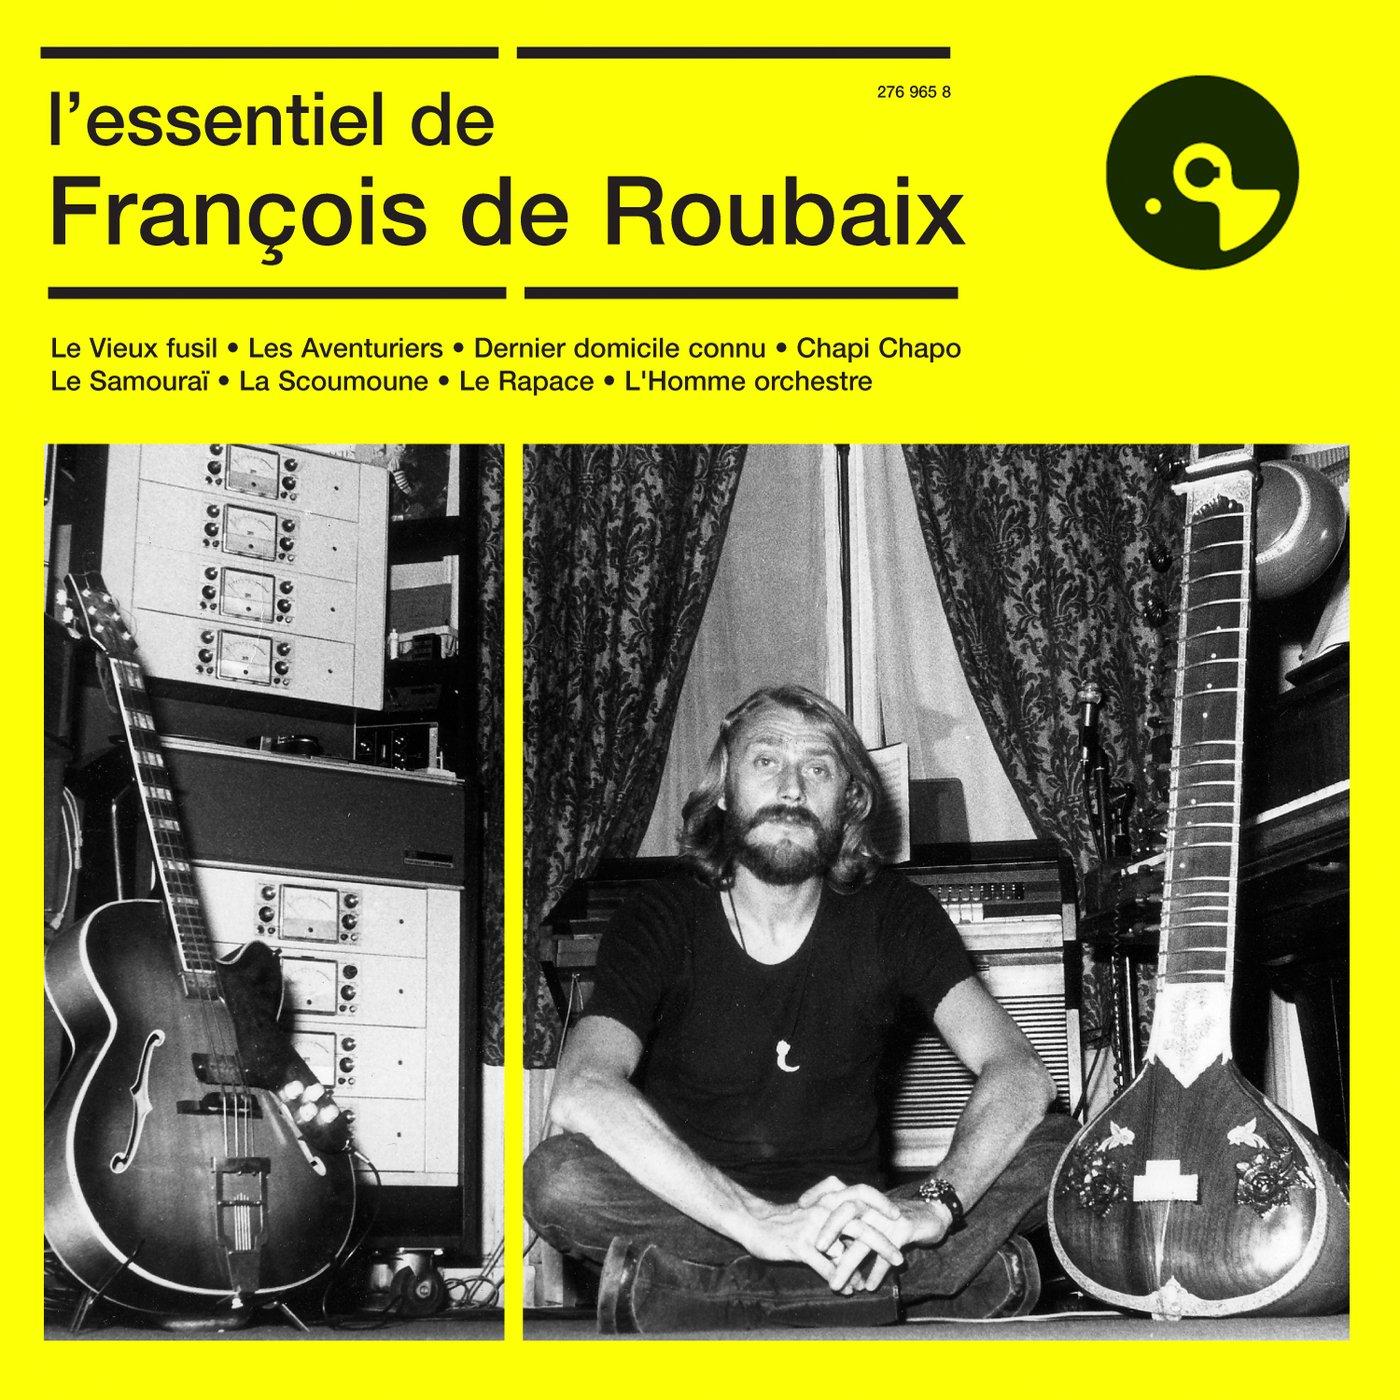 - L'Essentiel de François de Roubaix - Amazon.com Music